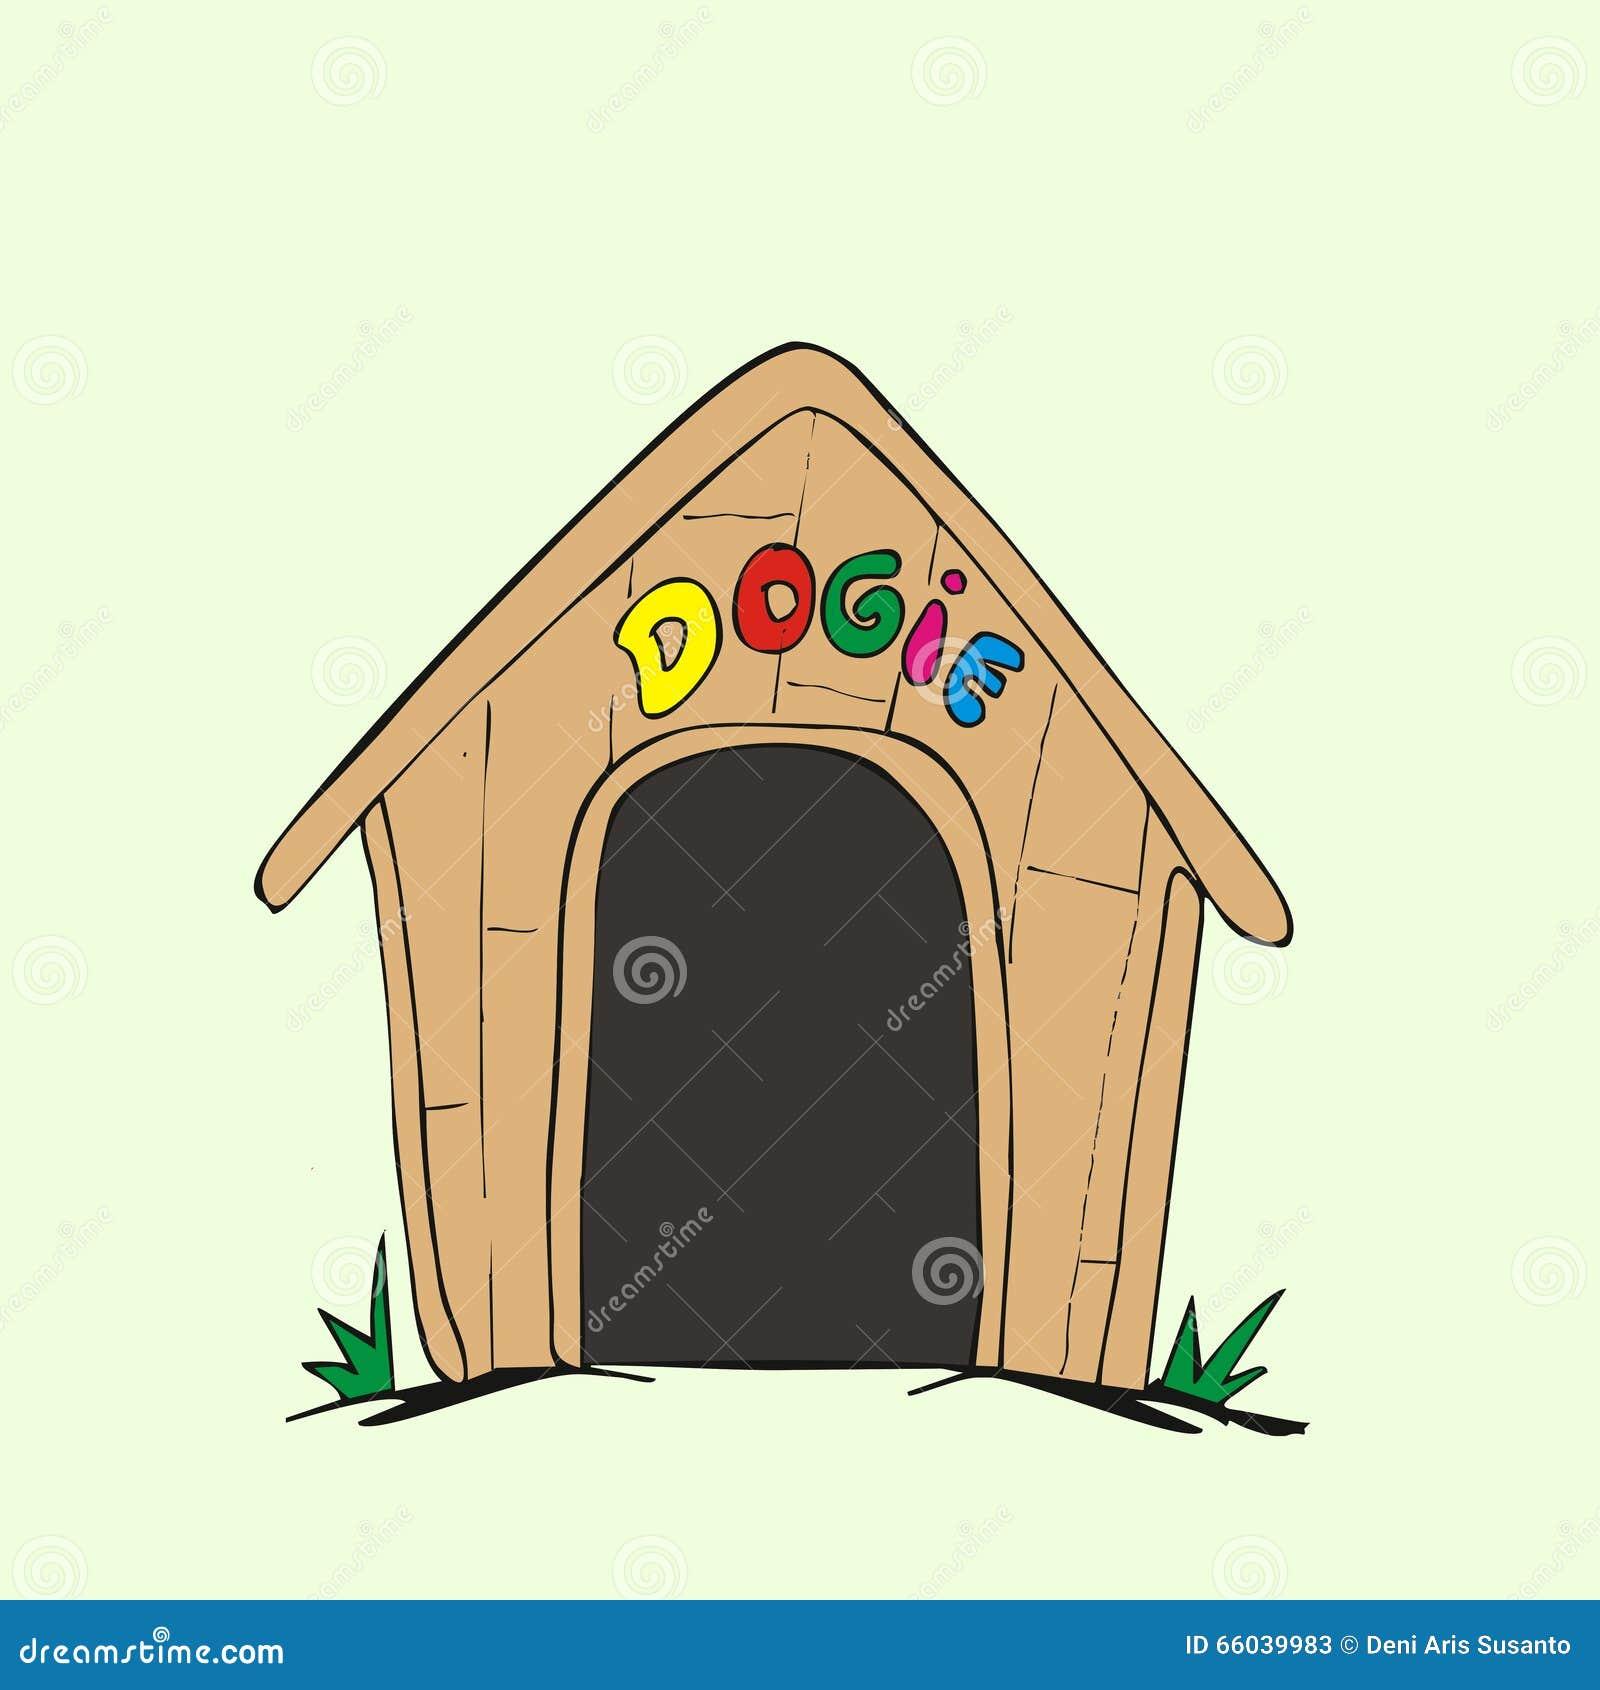 Cute Dog Houses Cartoon